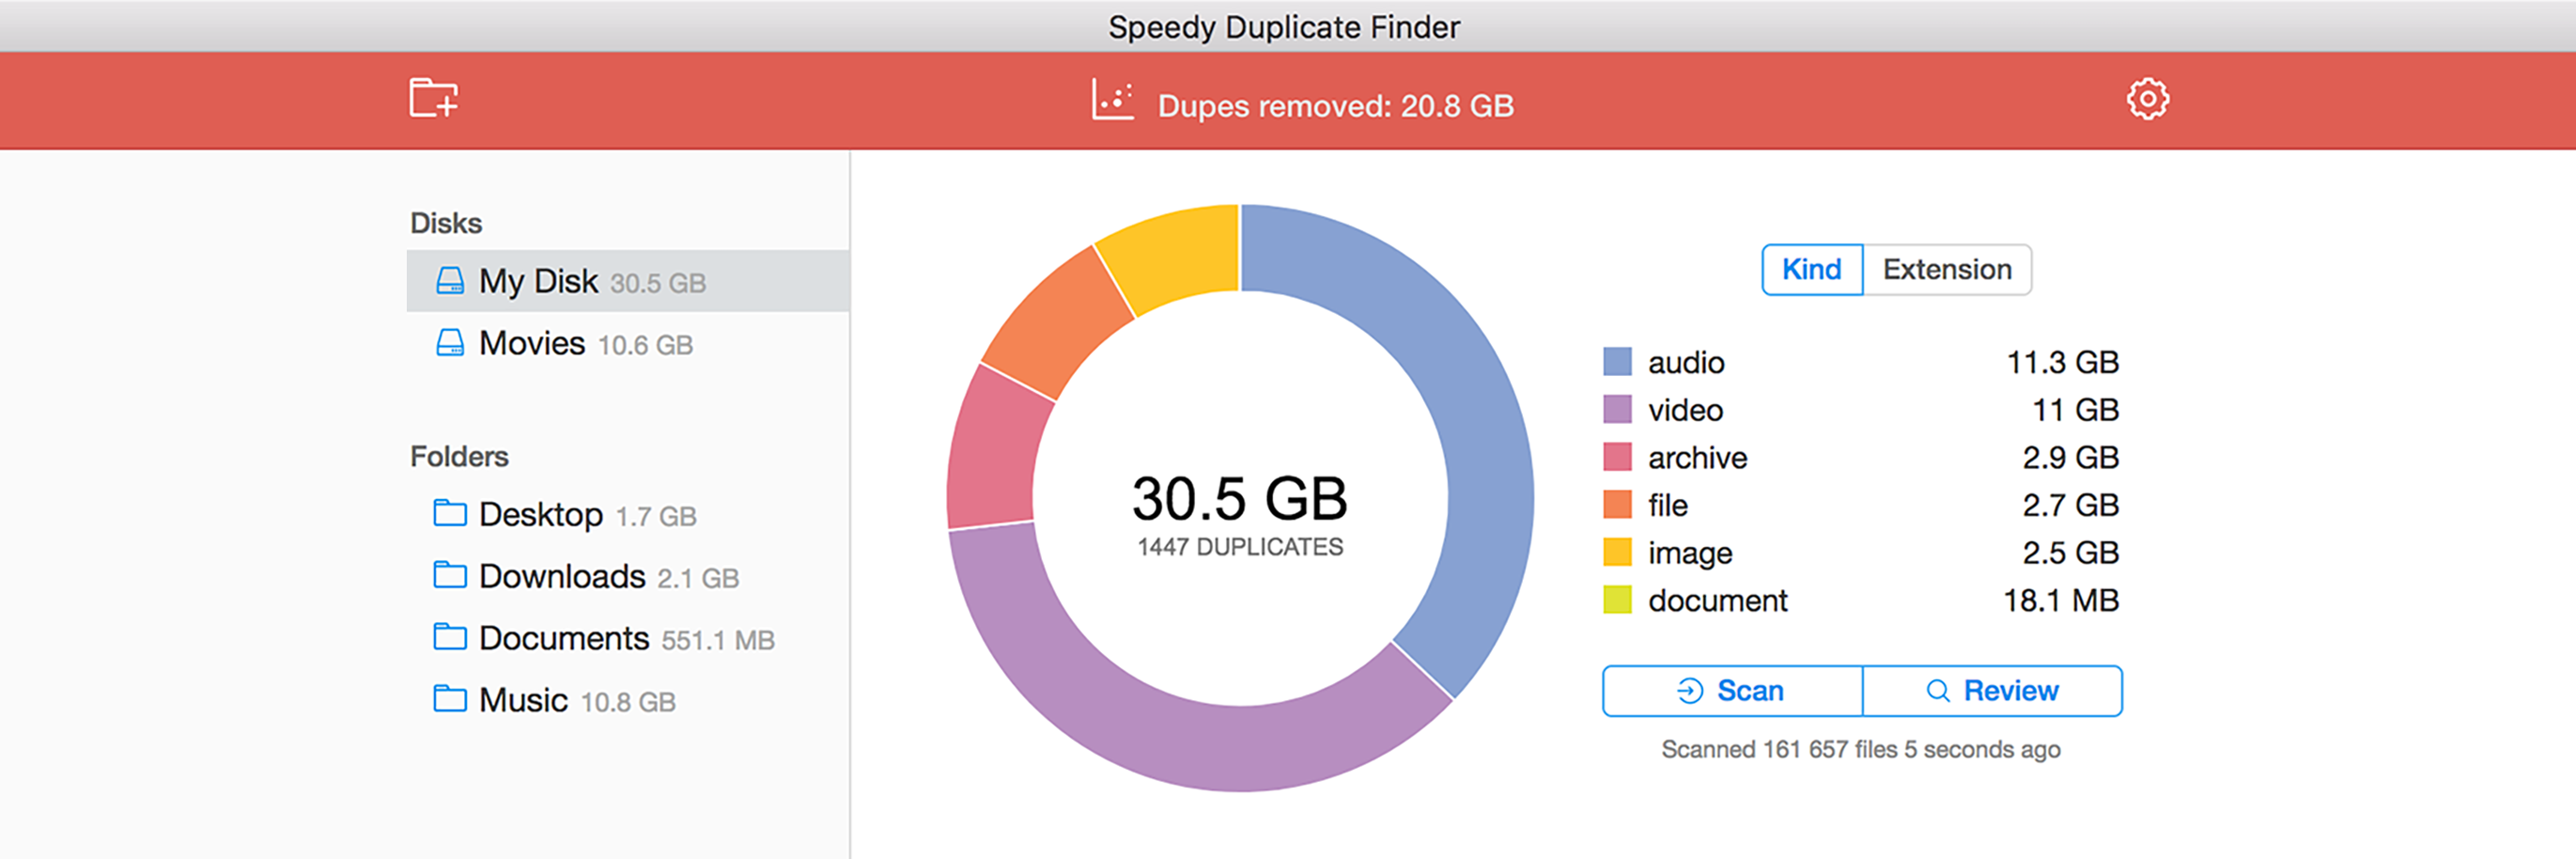 Speedy Duplicate Finder banner